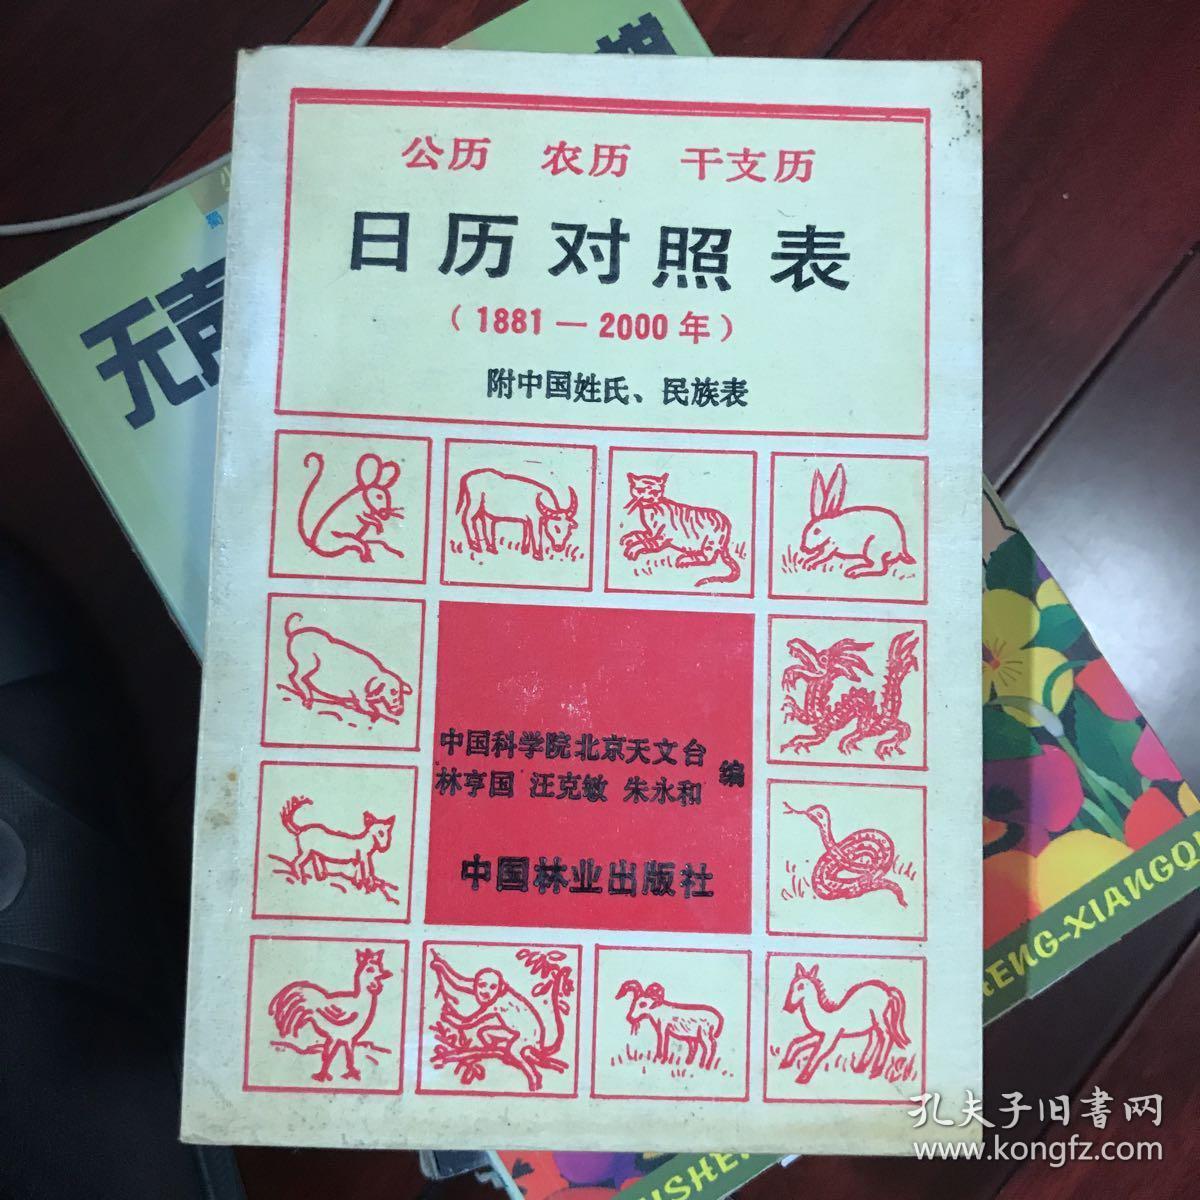 日历对照表(1981年—2000年)公历/农历/干支历